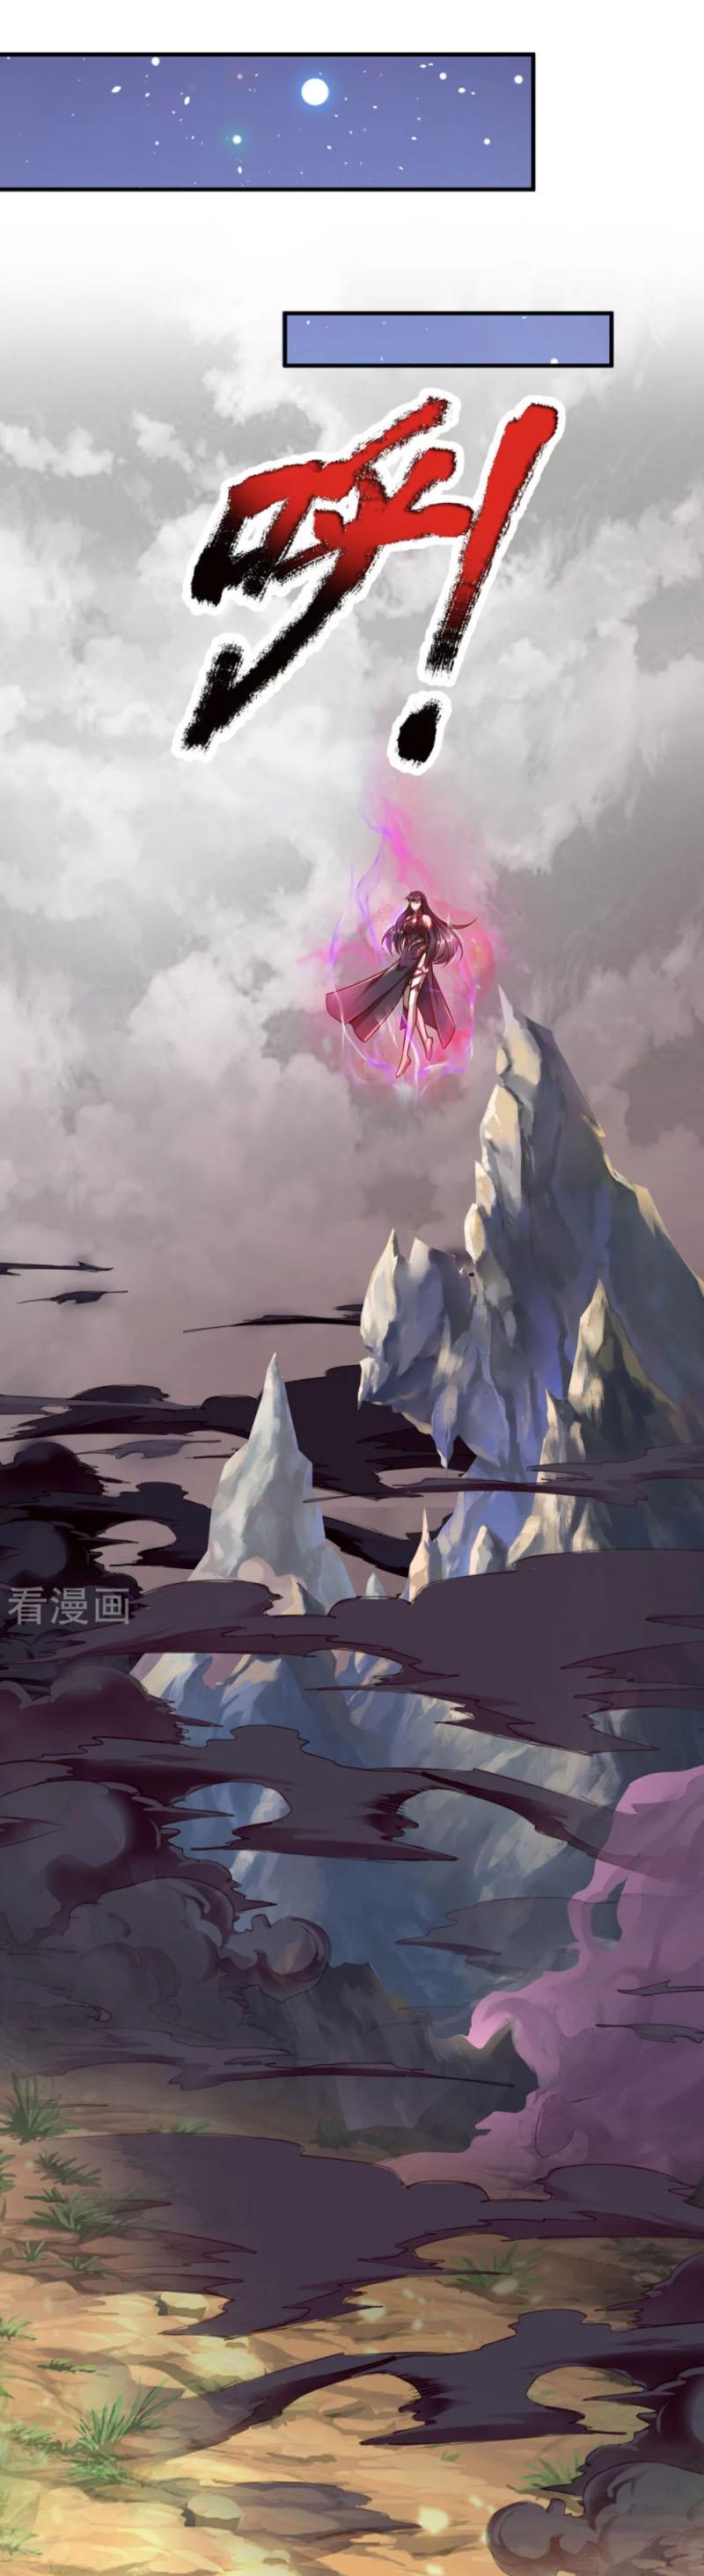 Đại Ma Hoàng Thường Ngày Phiền Não Chương 82 - Vcomic.net